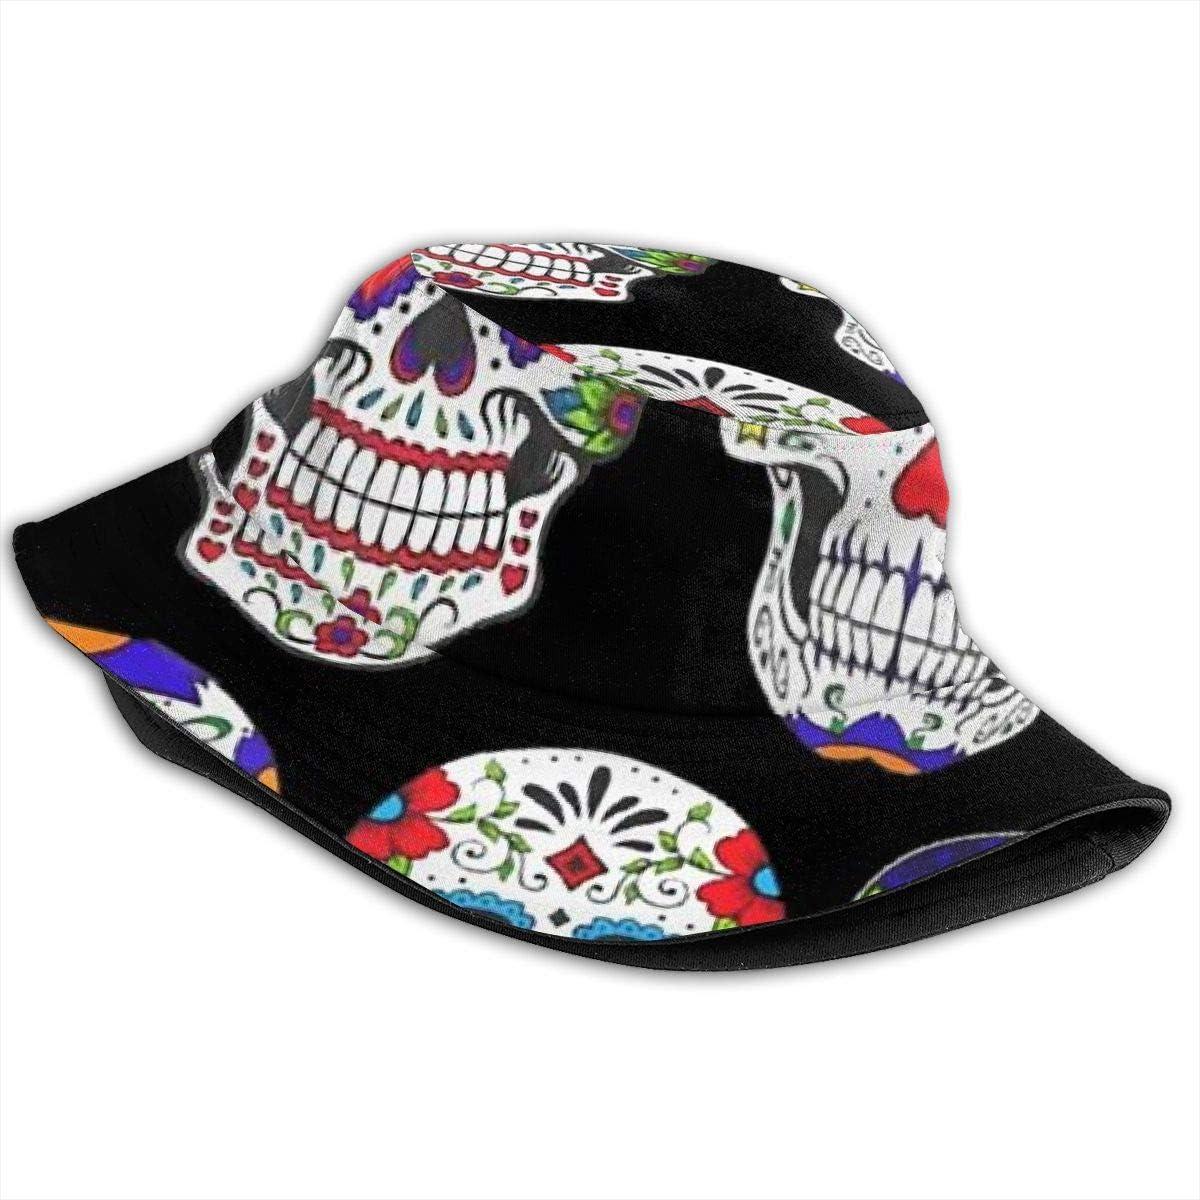 Unisex 100/% Polyester Sugar Skulls Mesh Hat Cool Trucker Baseball Cap for Unisex